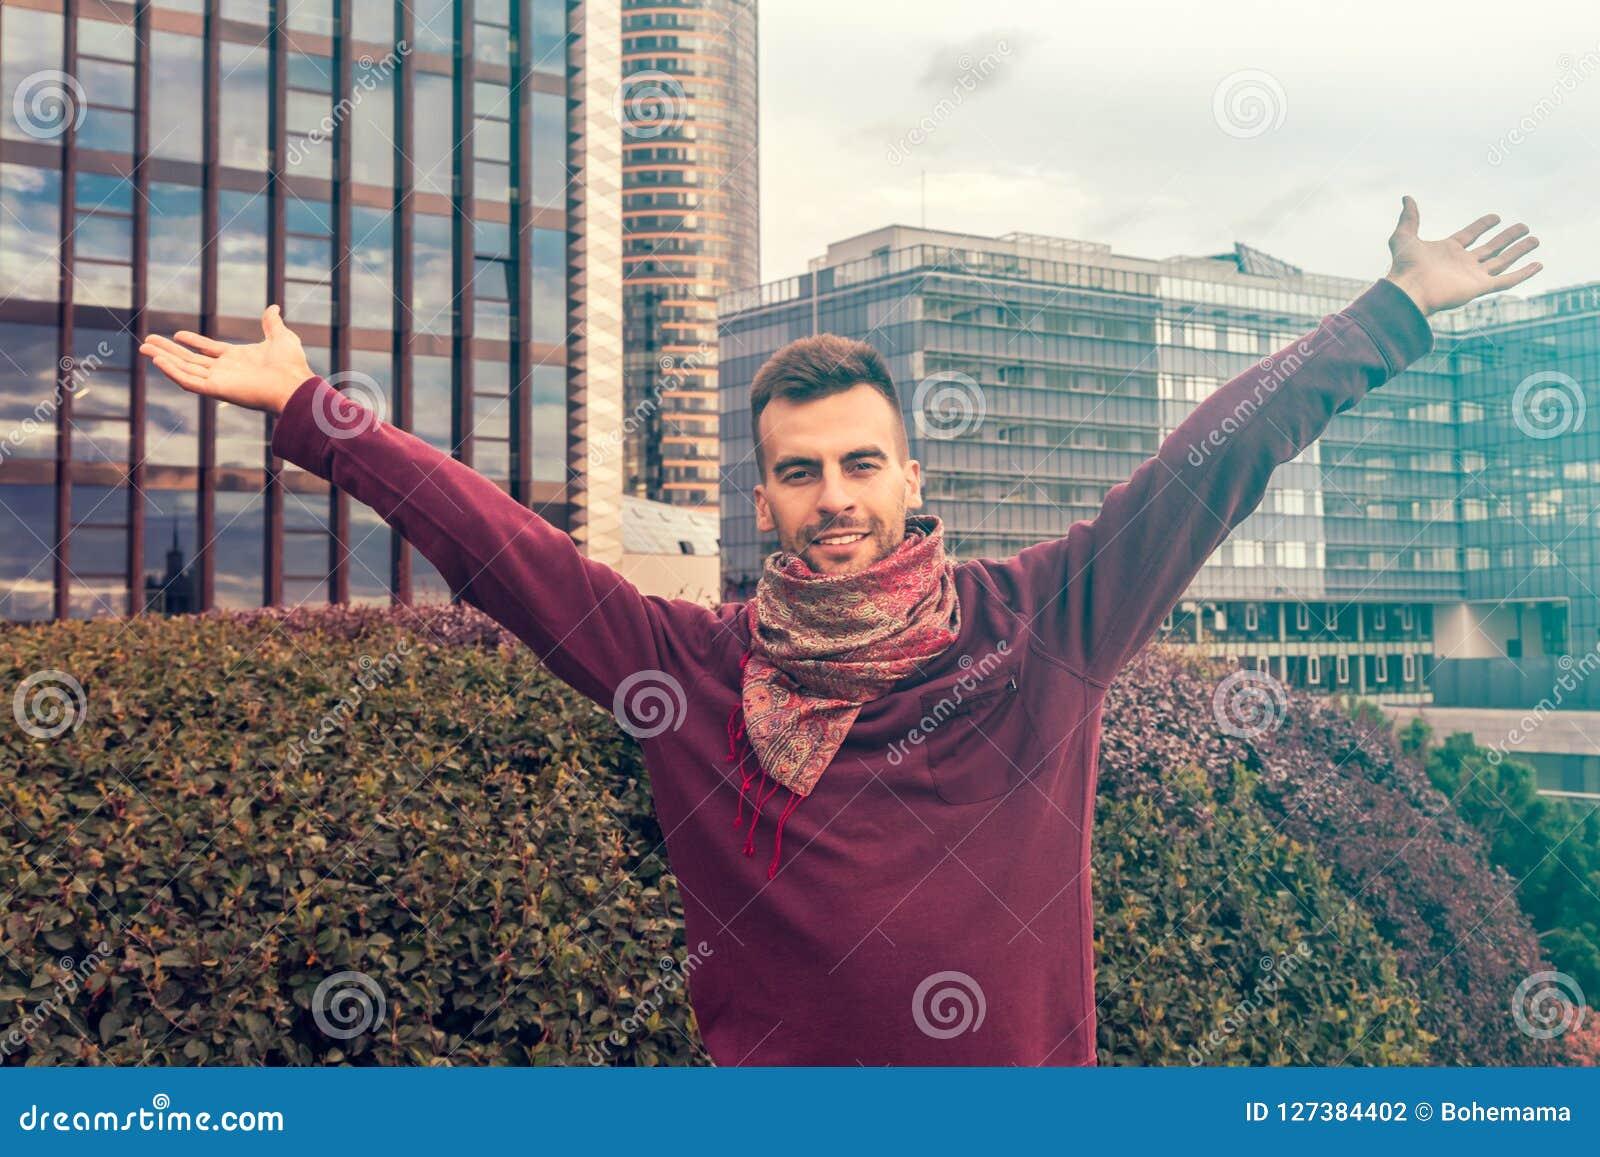 Un hombre joven que aumenta sus brazos, palmas abiertas en el centro de ciudad moderno - conceptos felices, del éxito y del logro